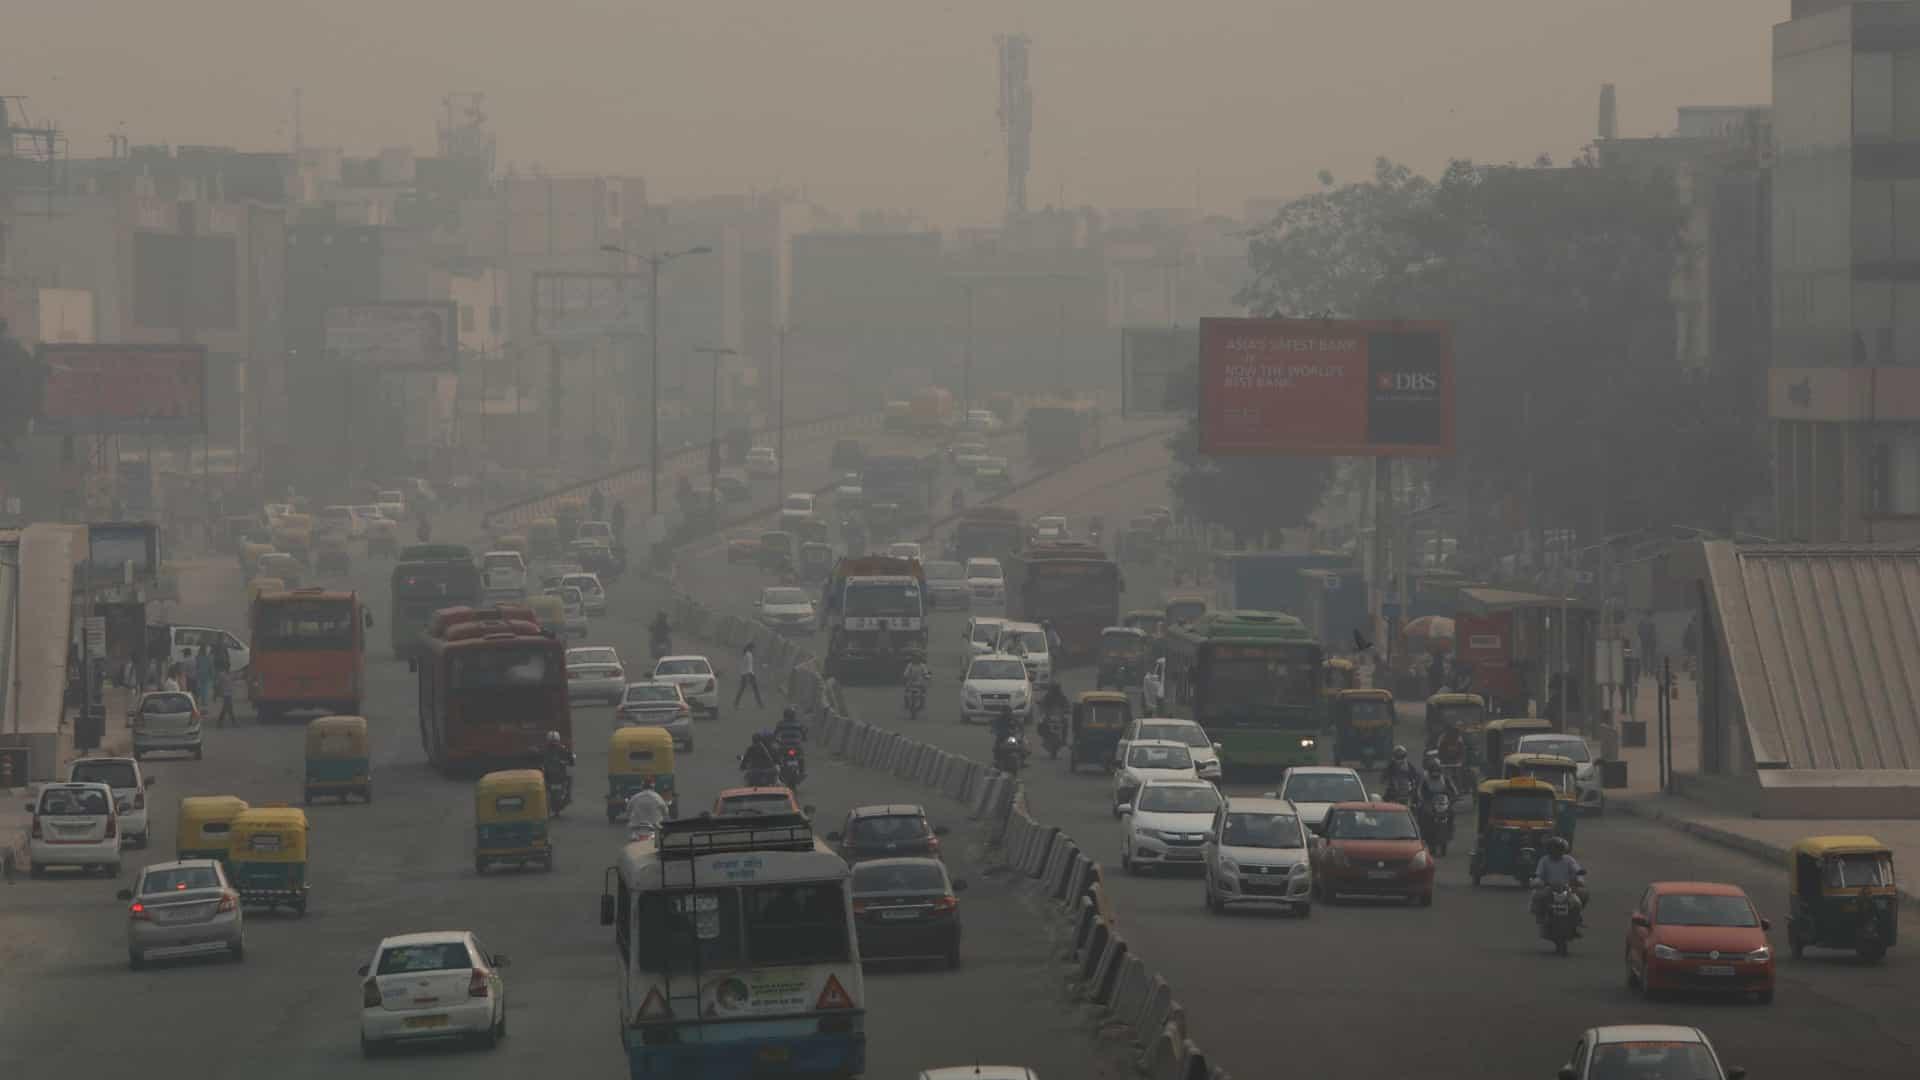 Poluição do ar: relatório apresenta dados sobre a ameaça à saúde - Blog 4Elementos